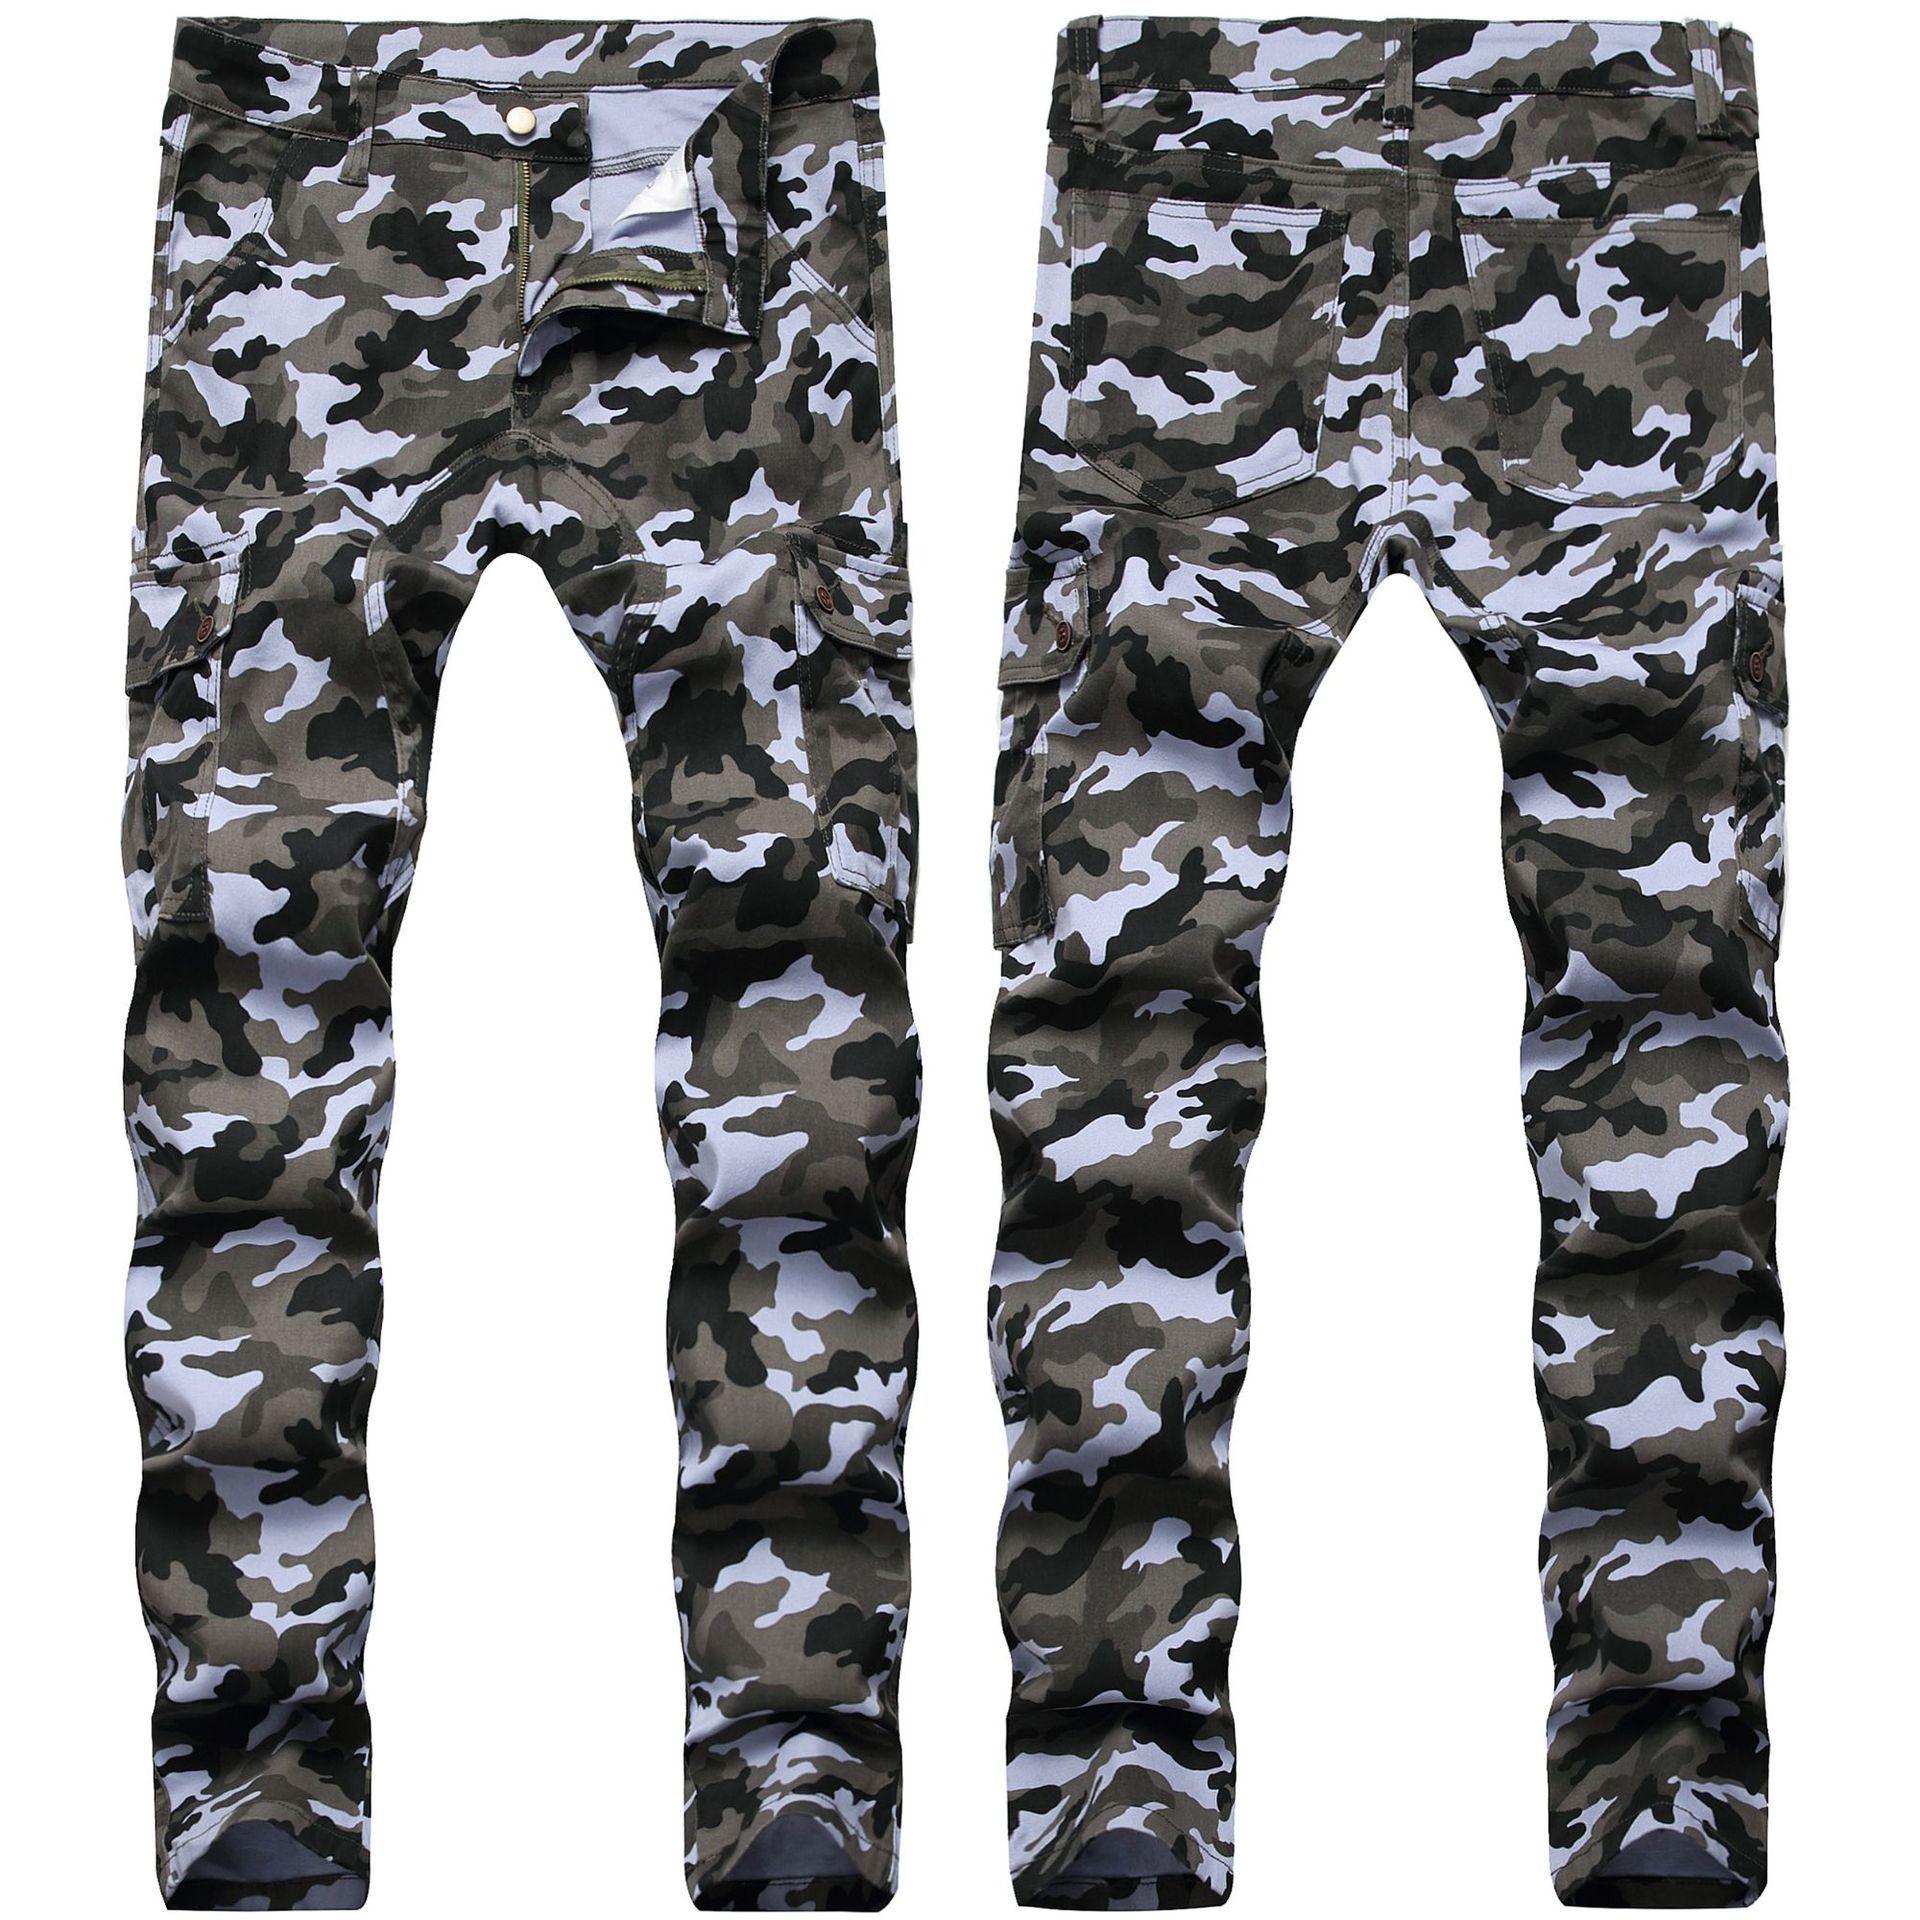 Erkekler Kamuflaj Jeans İnce Cepler Erkeklerde Casual Kargo Pantolon Streetwear Skinny Demin Pantolon takılması